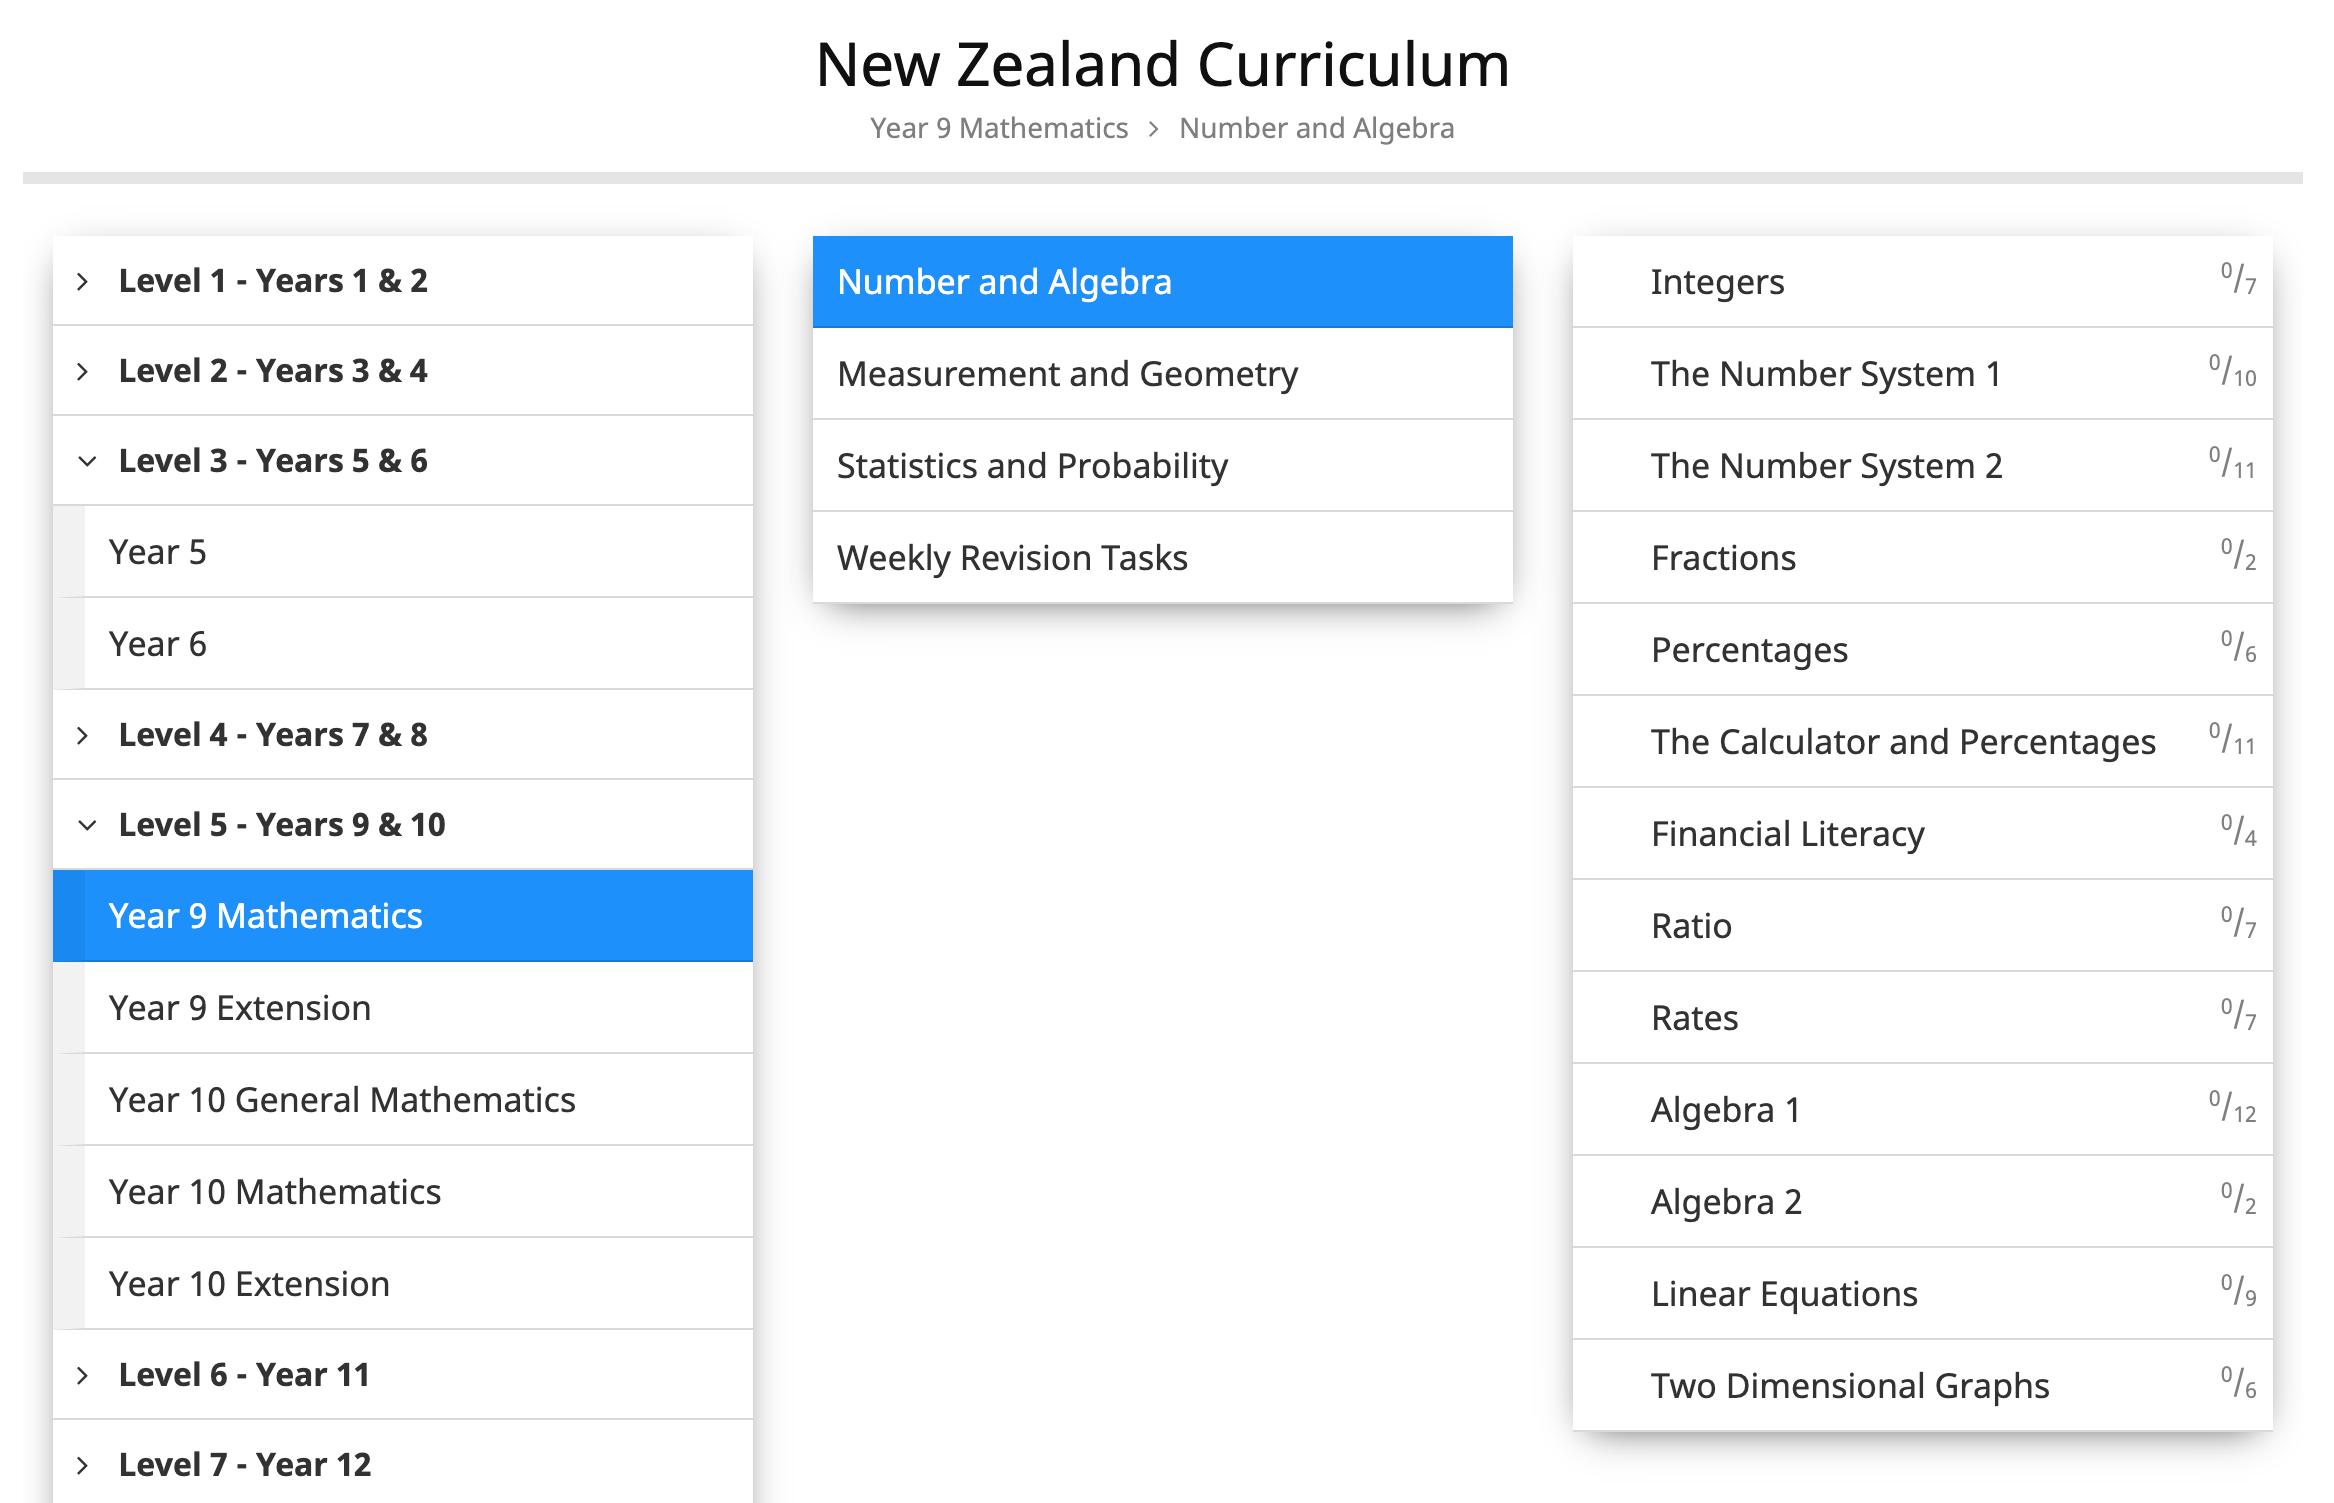 Return to default curriculum